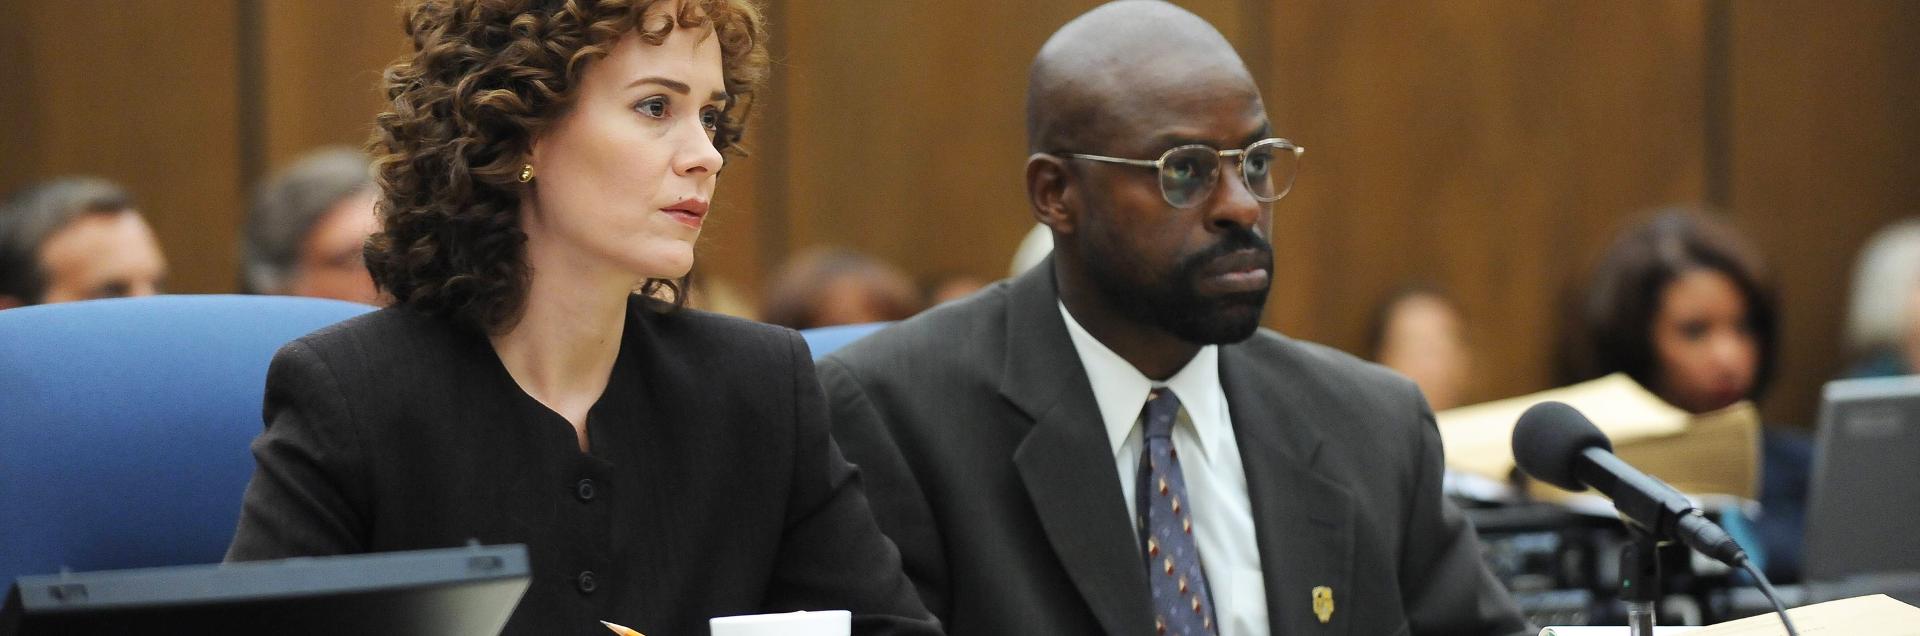 migliori serie tv sugli avvocati - American Crime Story